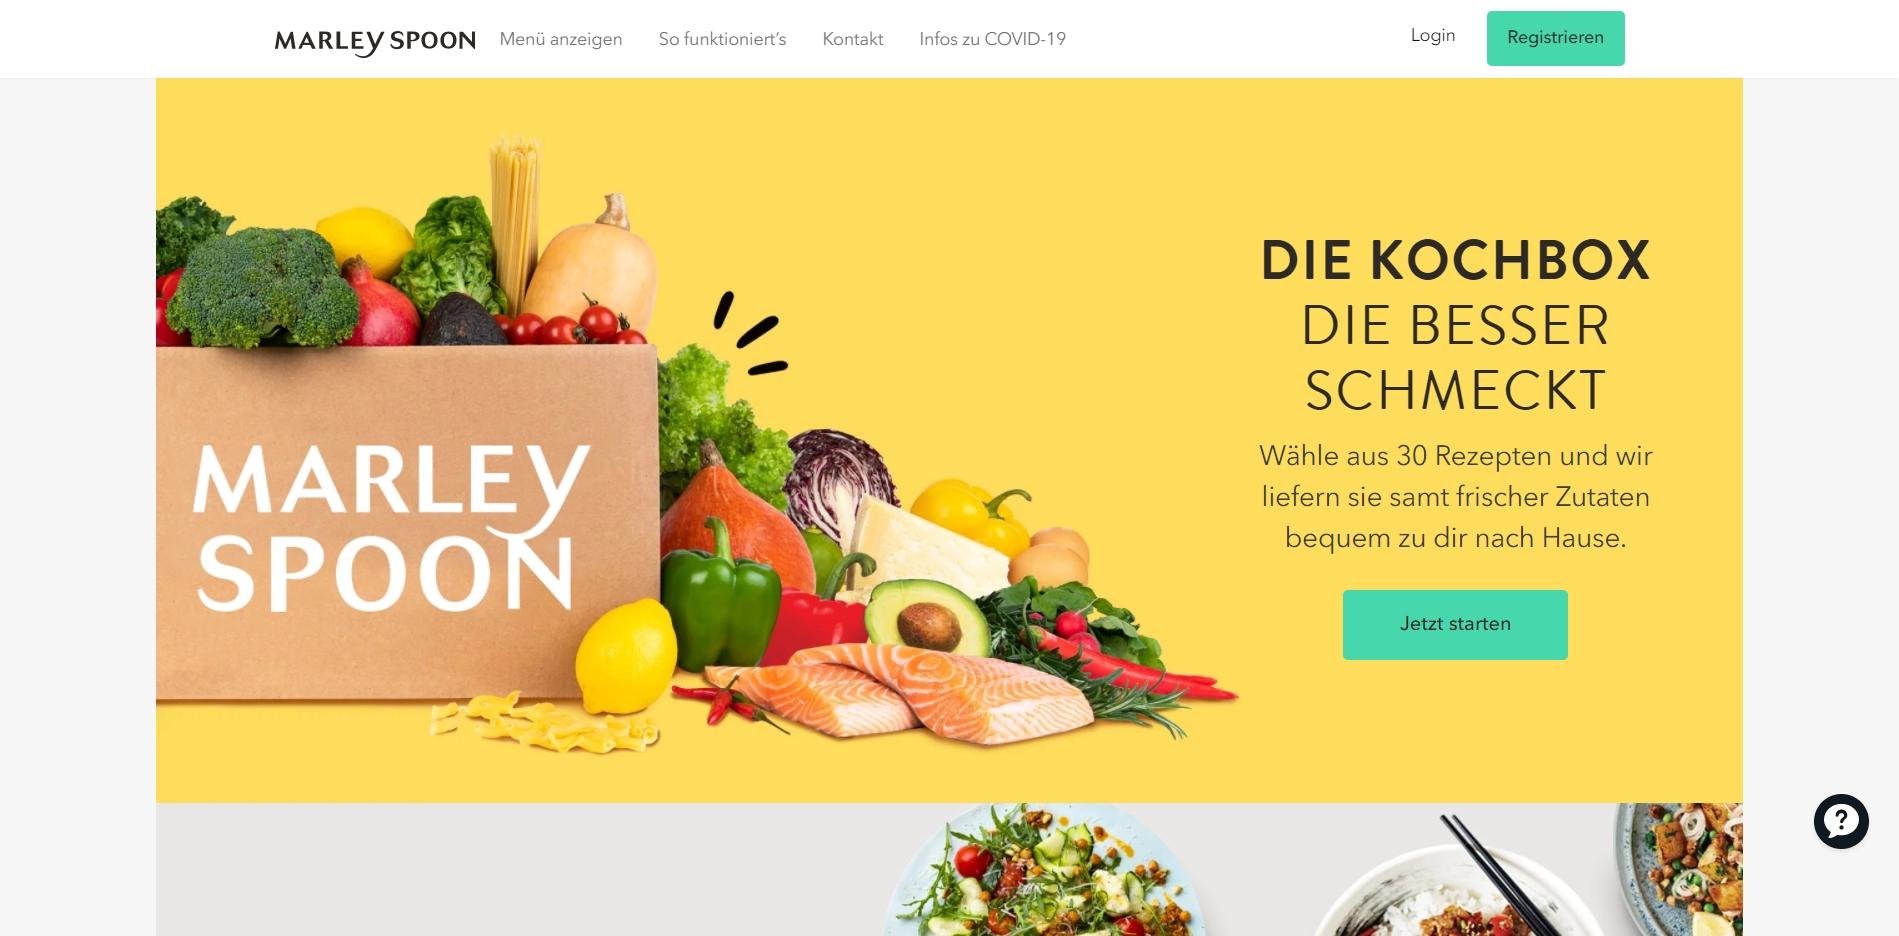 marley-spoon-website